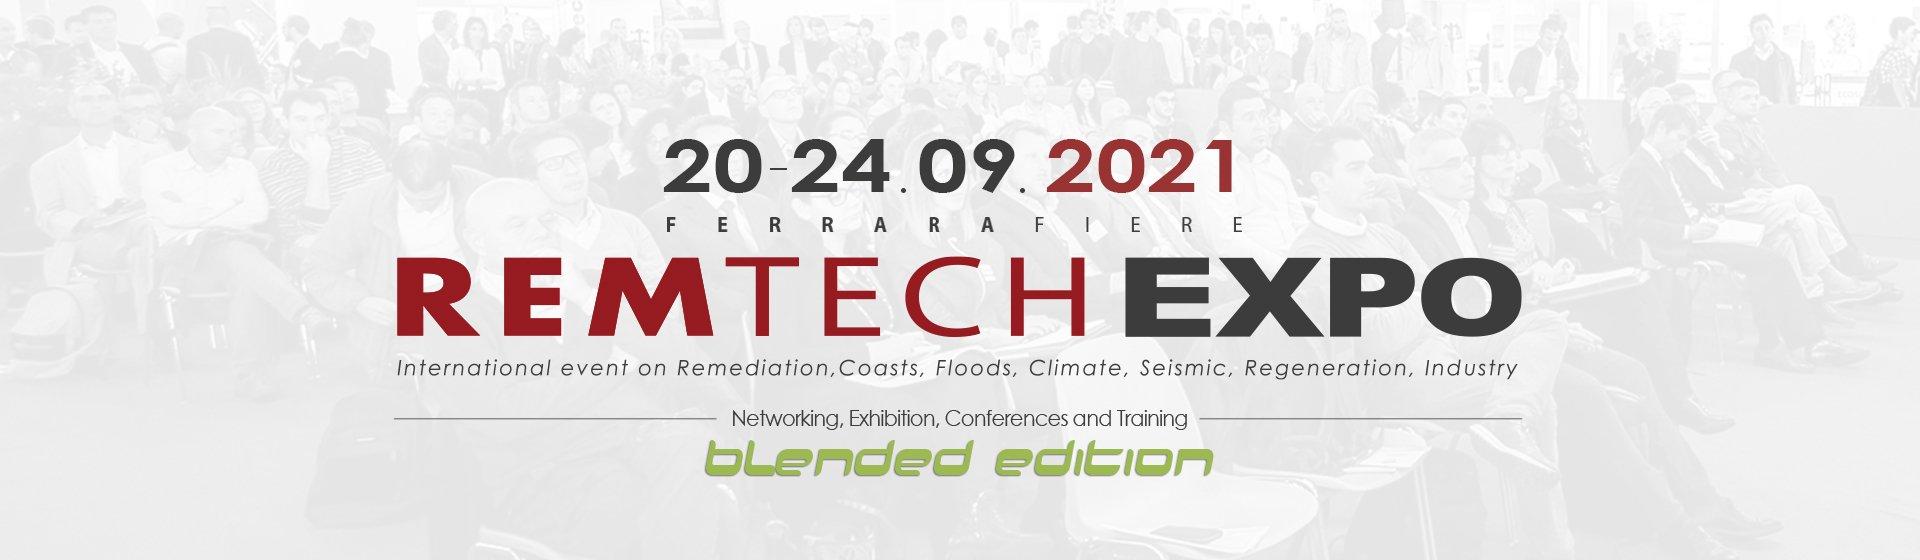 RemTech Expo 2021